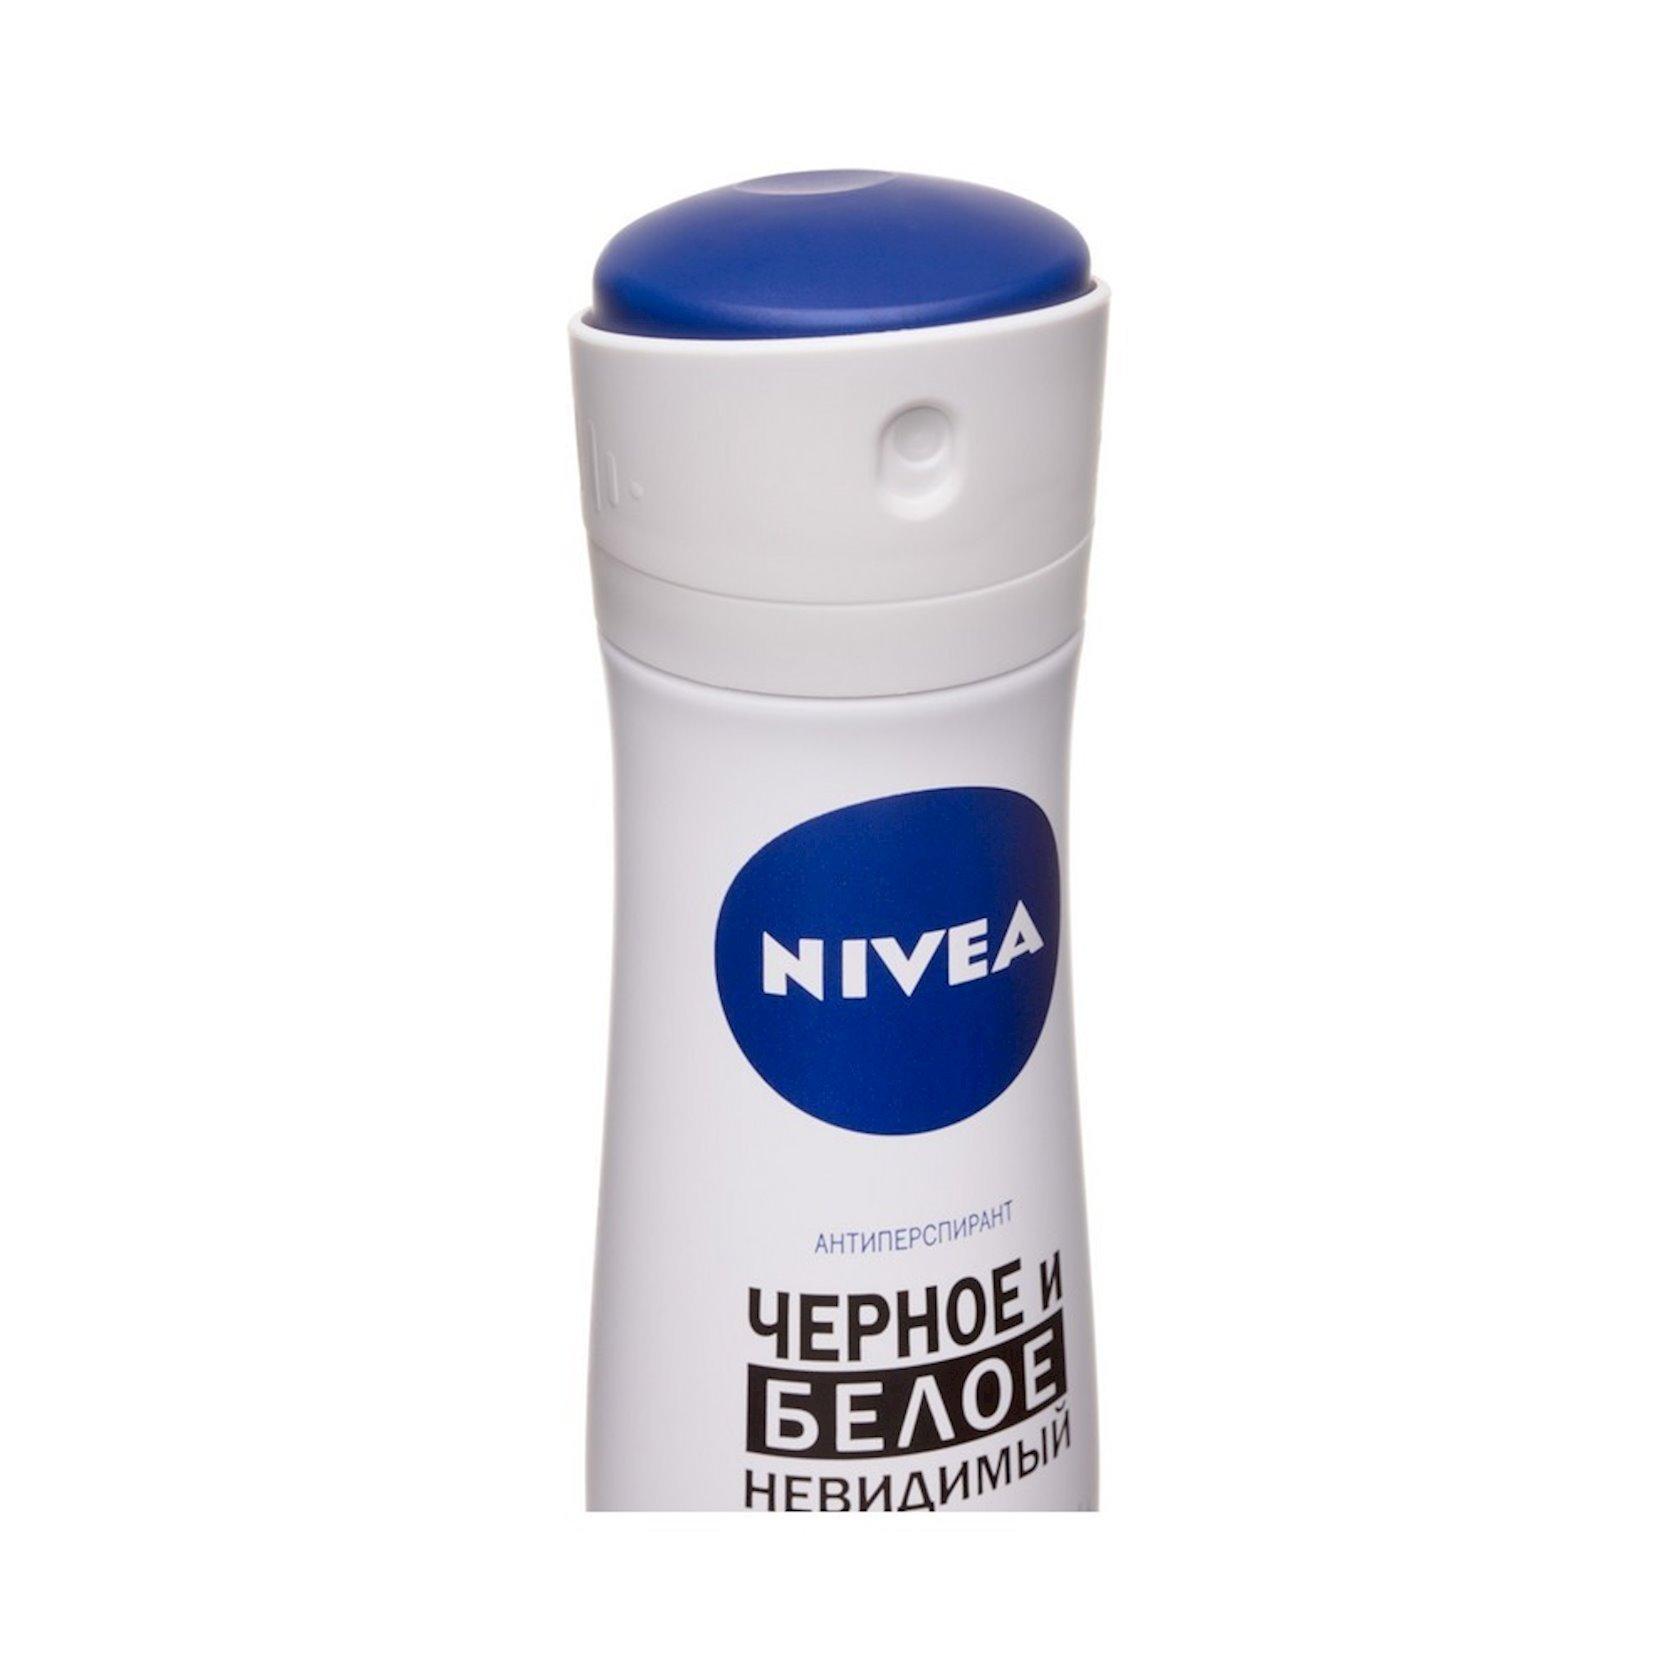 Dezodorant-antiperspirant Nivea Clear Görünməz qara və ağ 150 ml